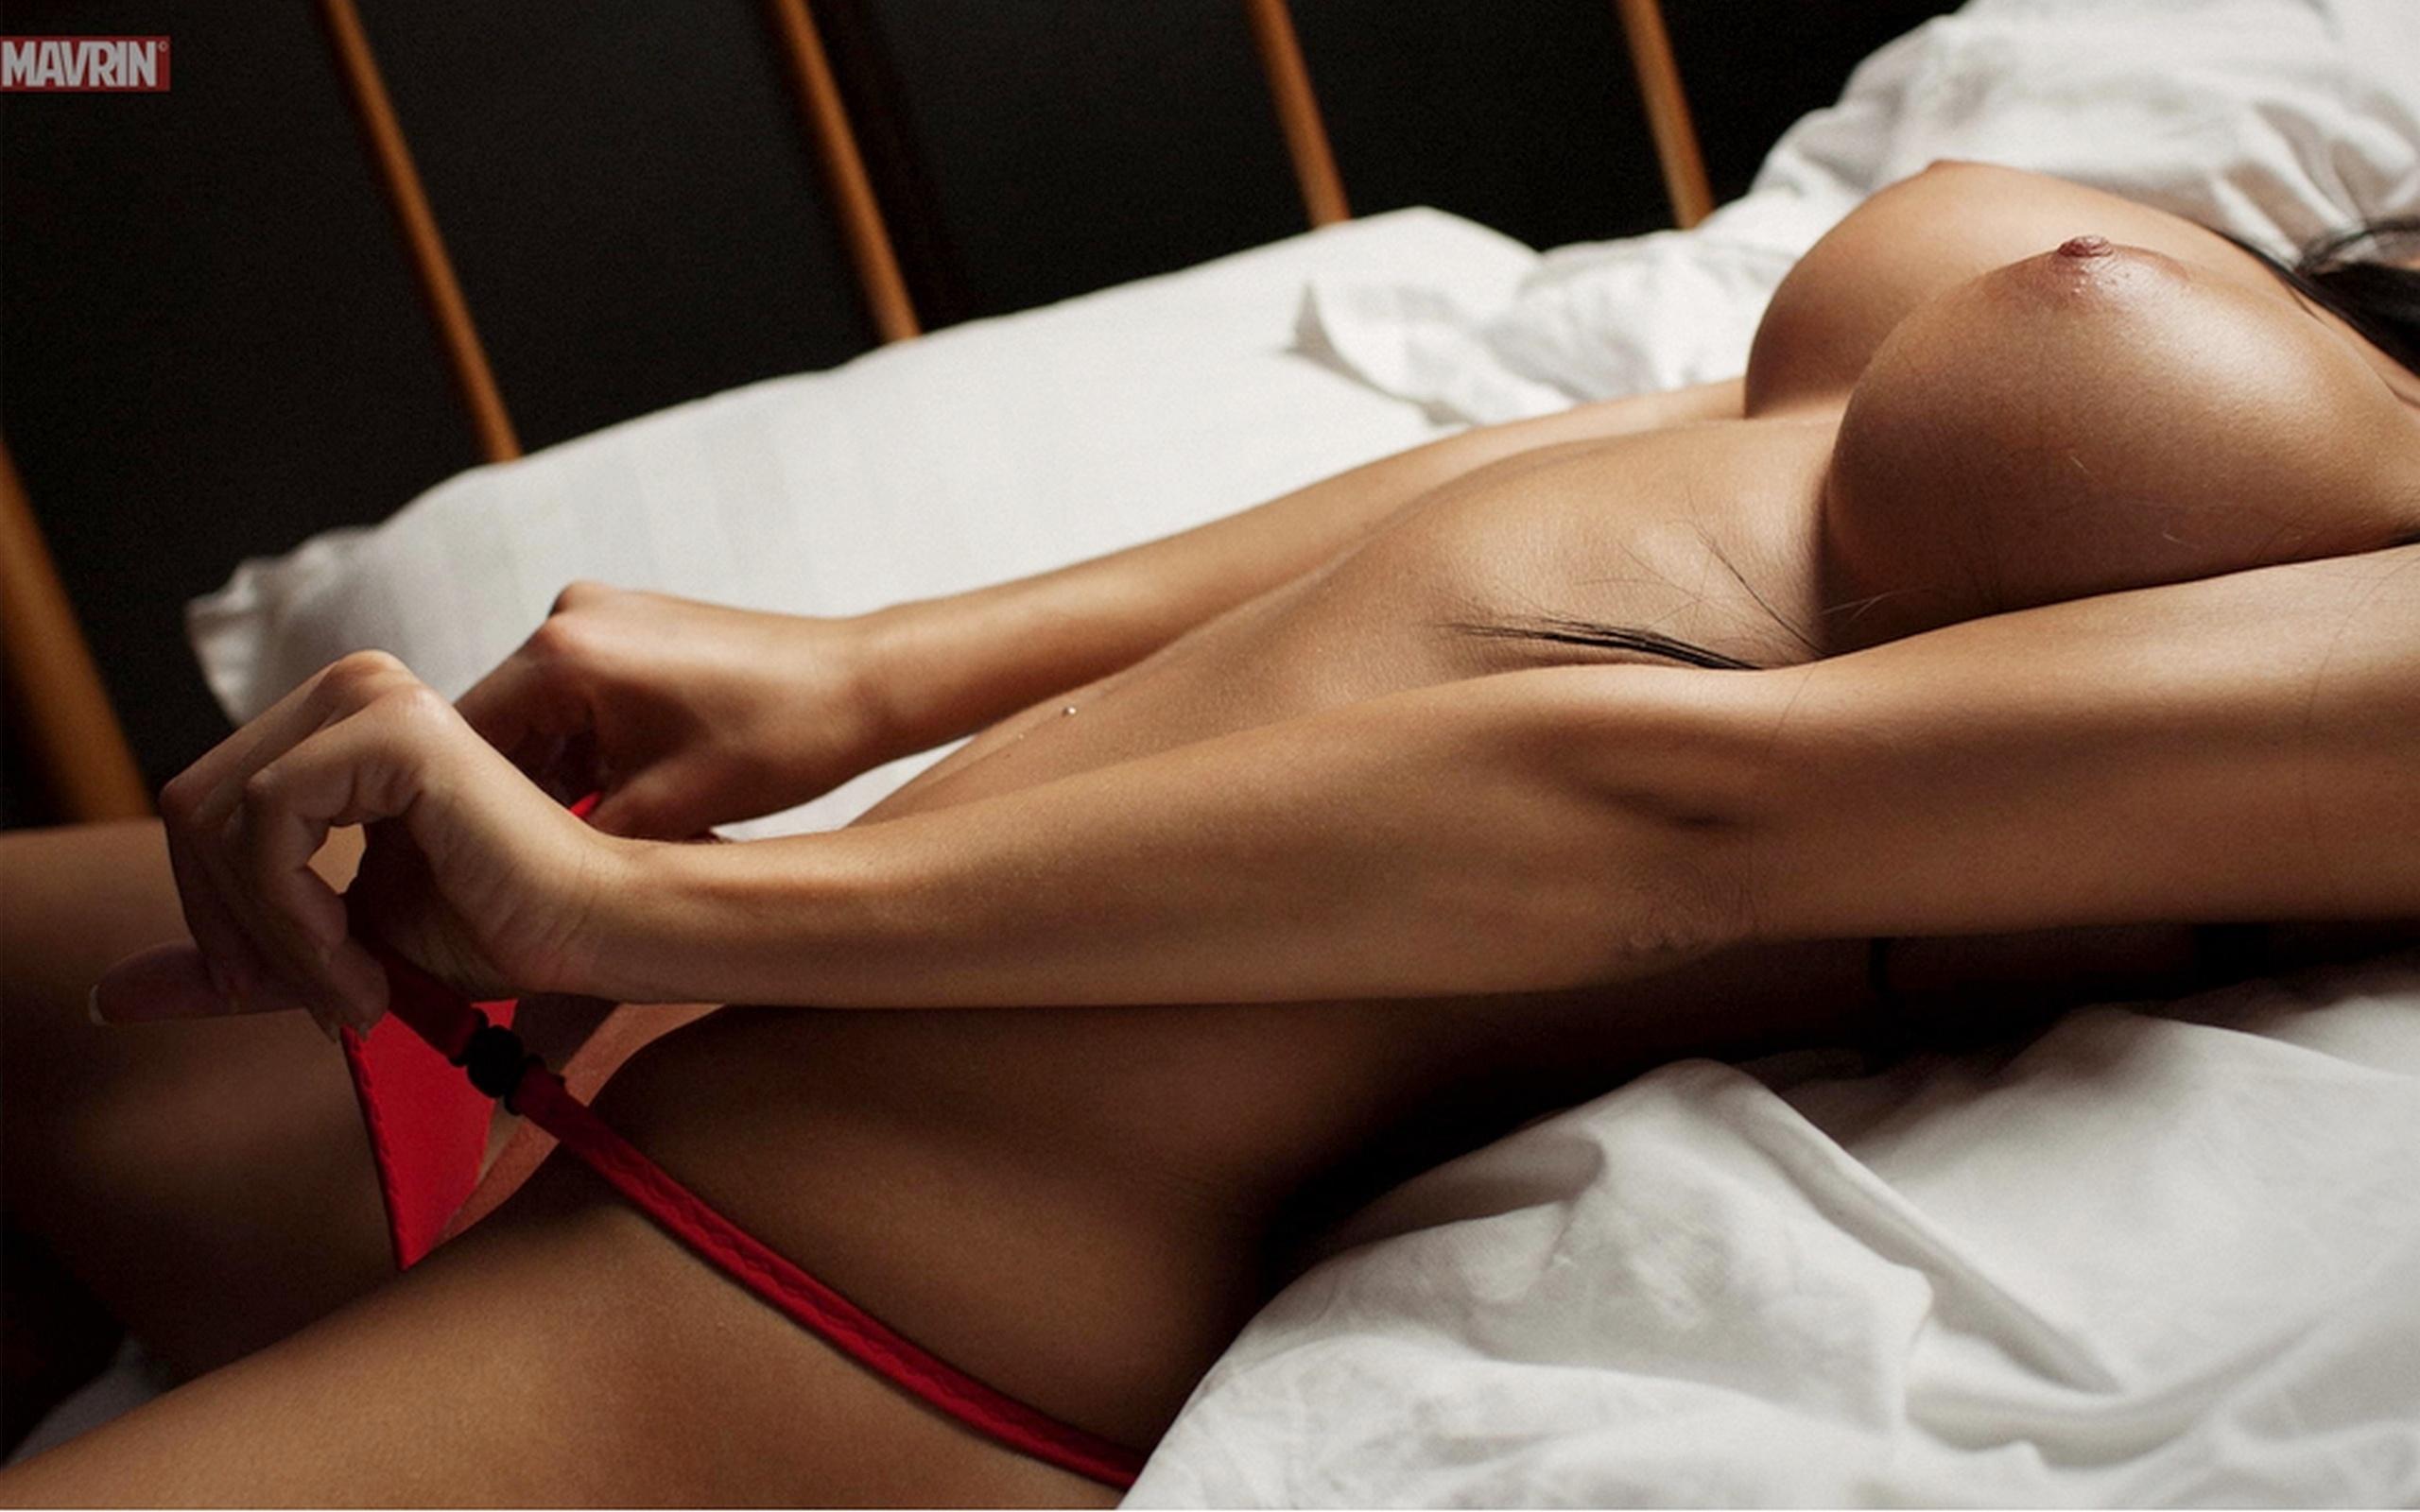 Эротические тела девушек без лица 6 фотография